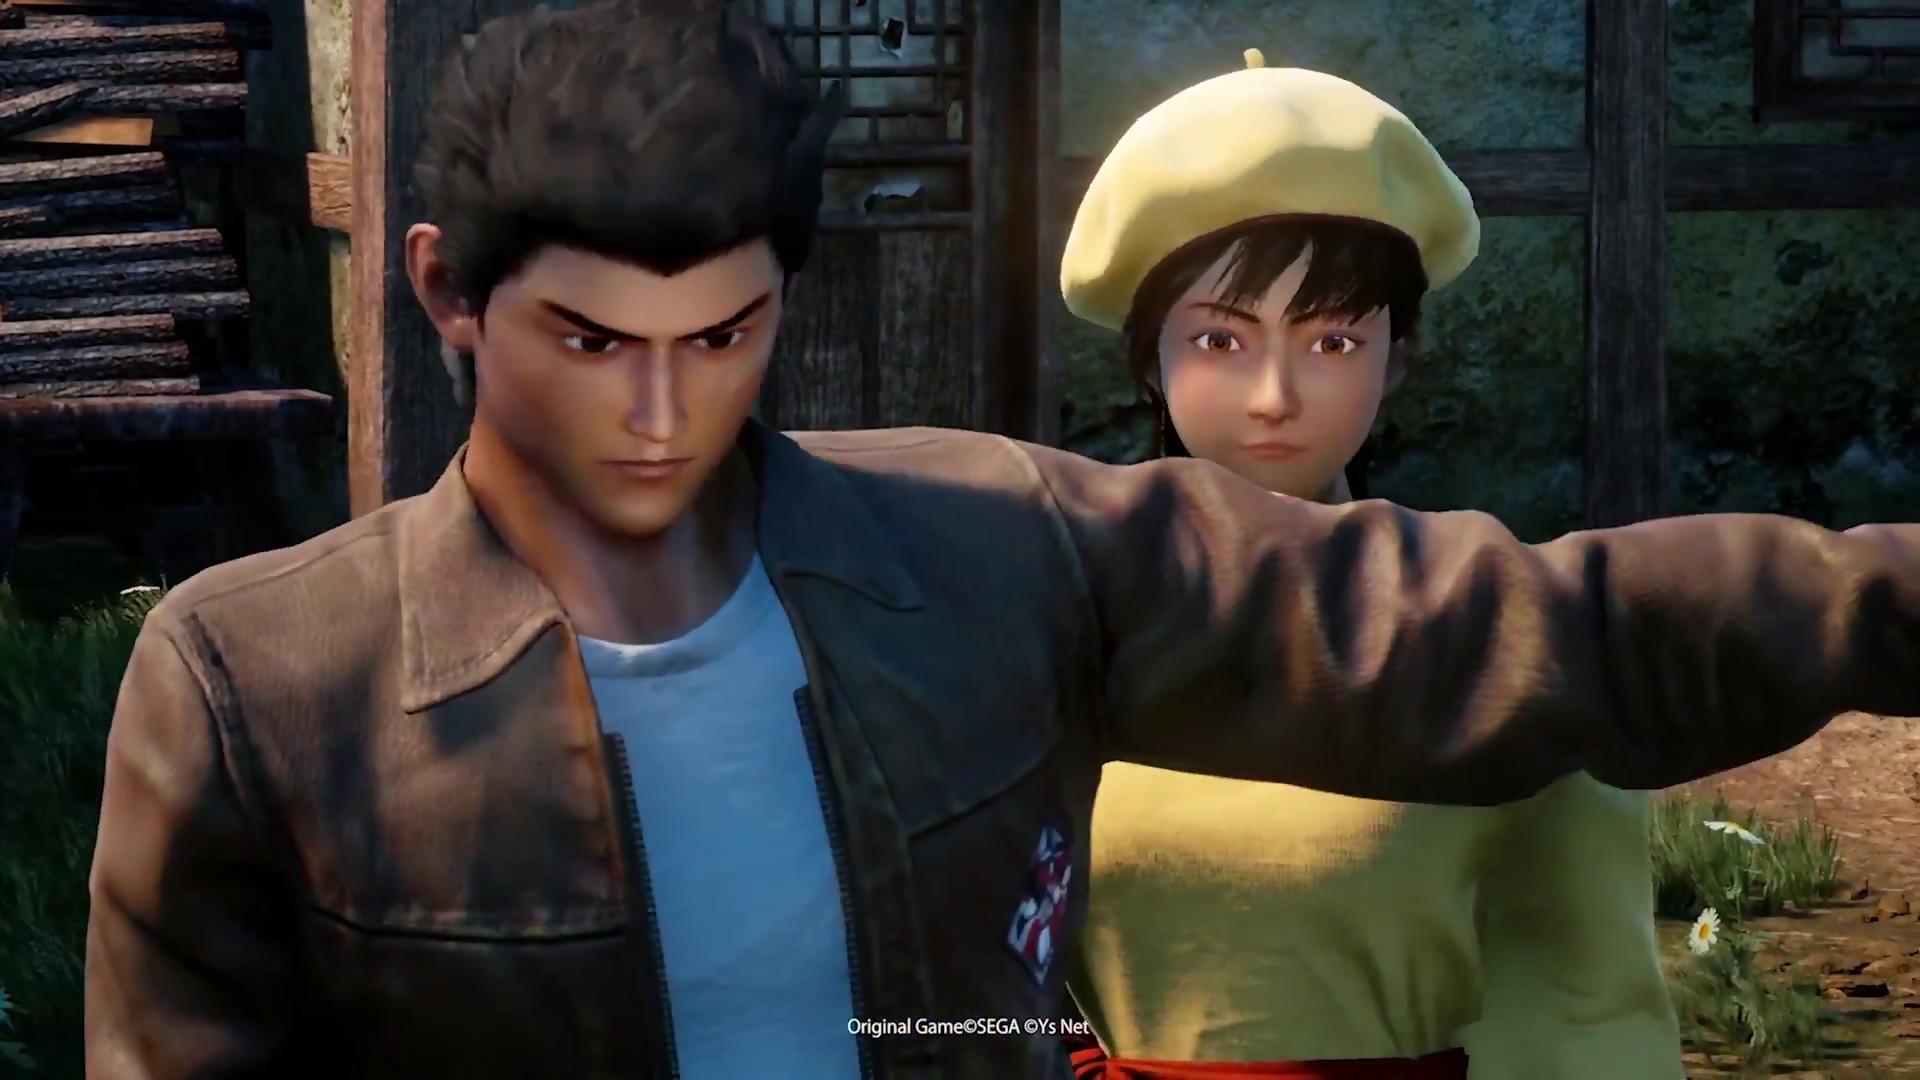 Gamescom 2017 - Enfin! Un vrai teaser pour Shenmue III!